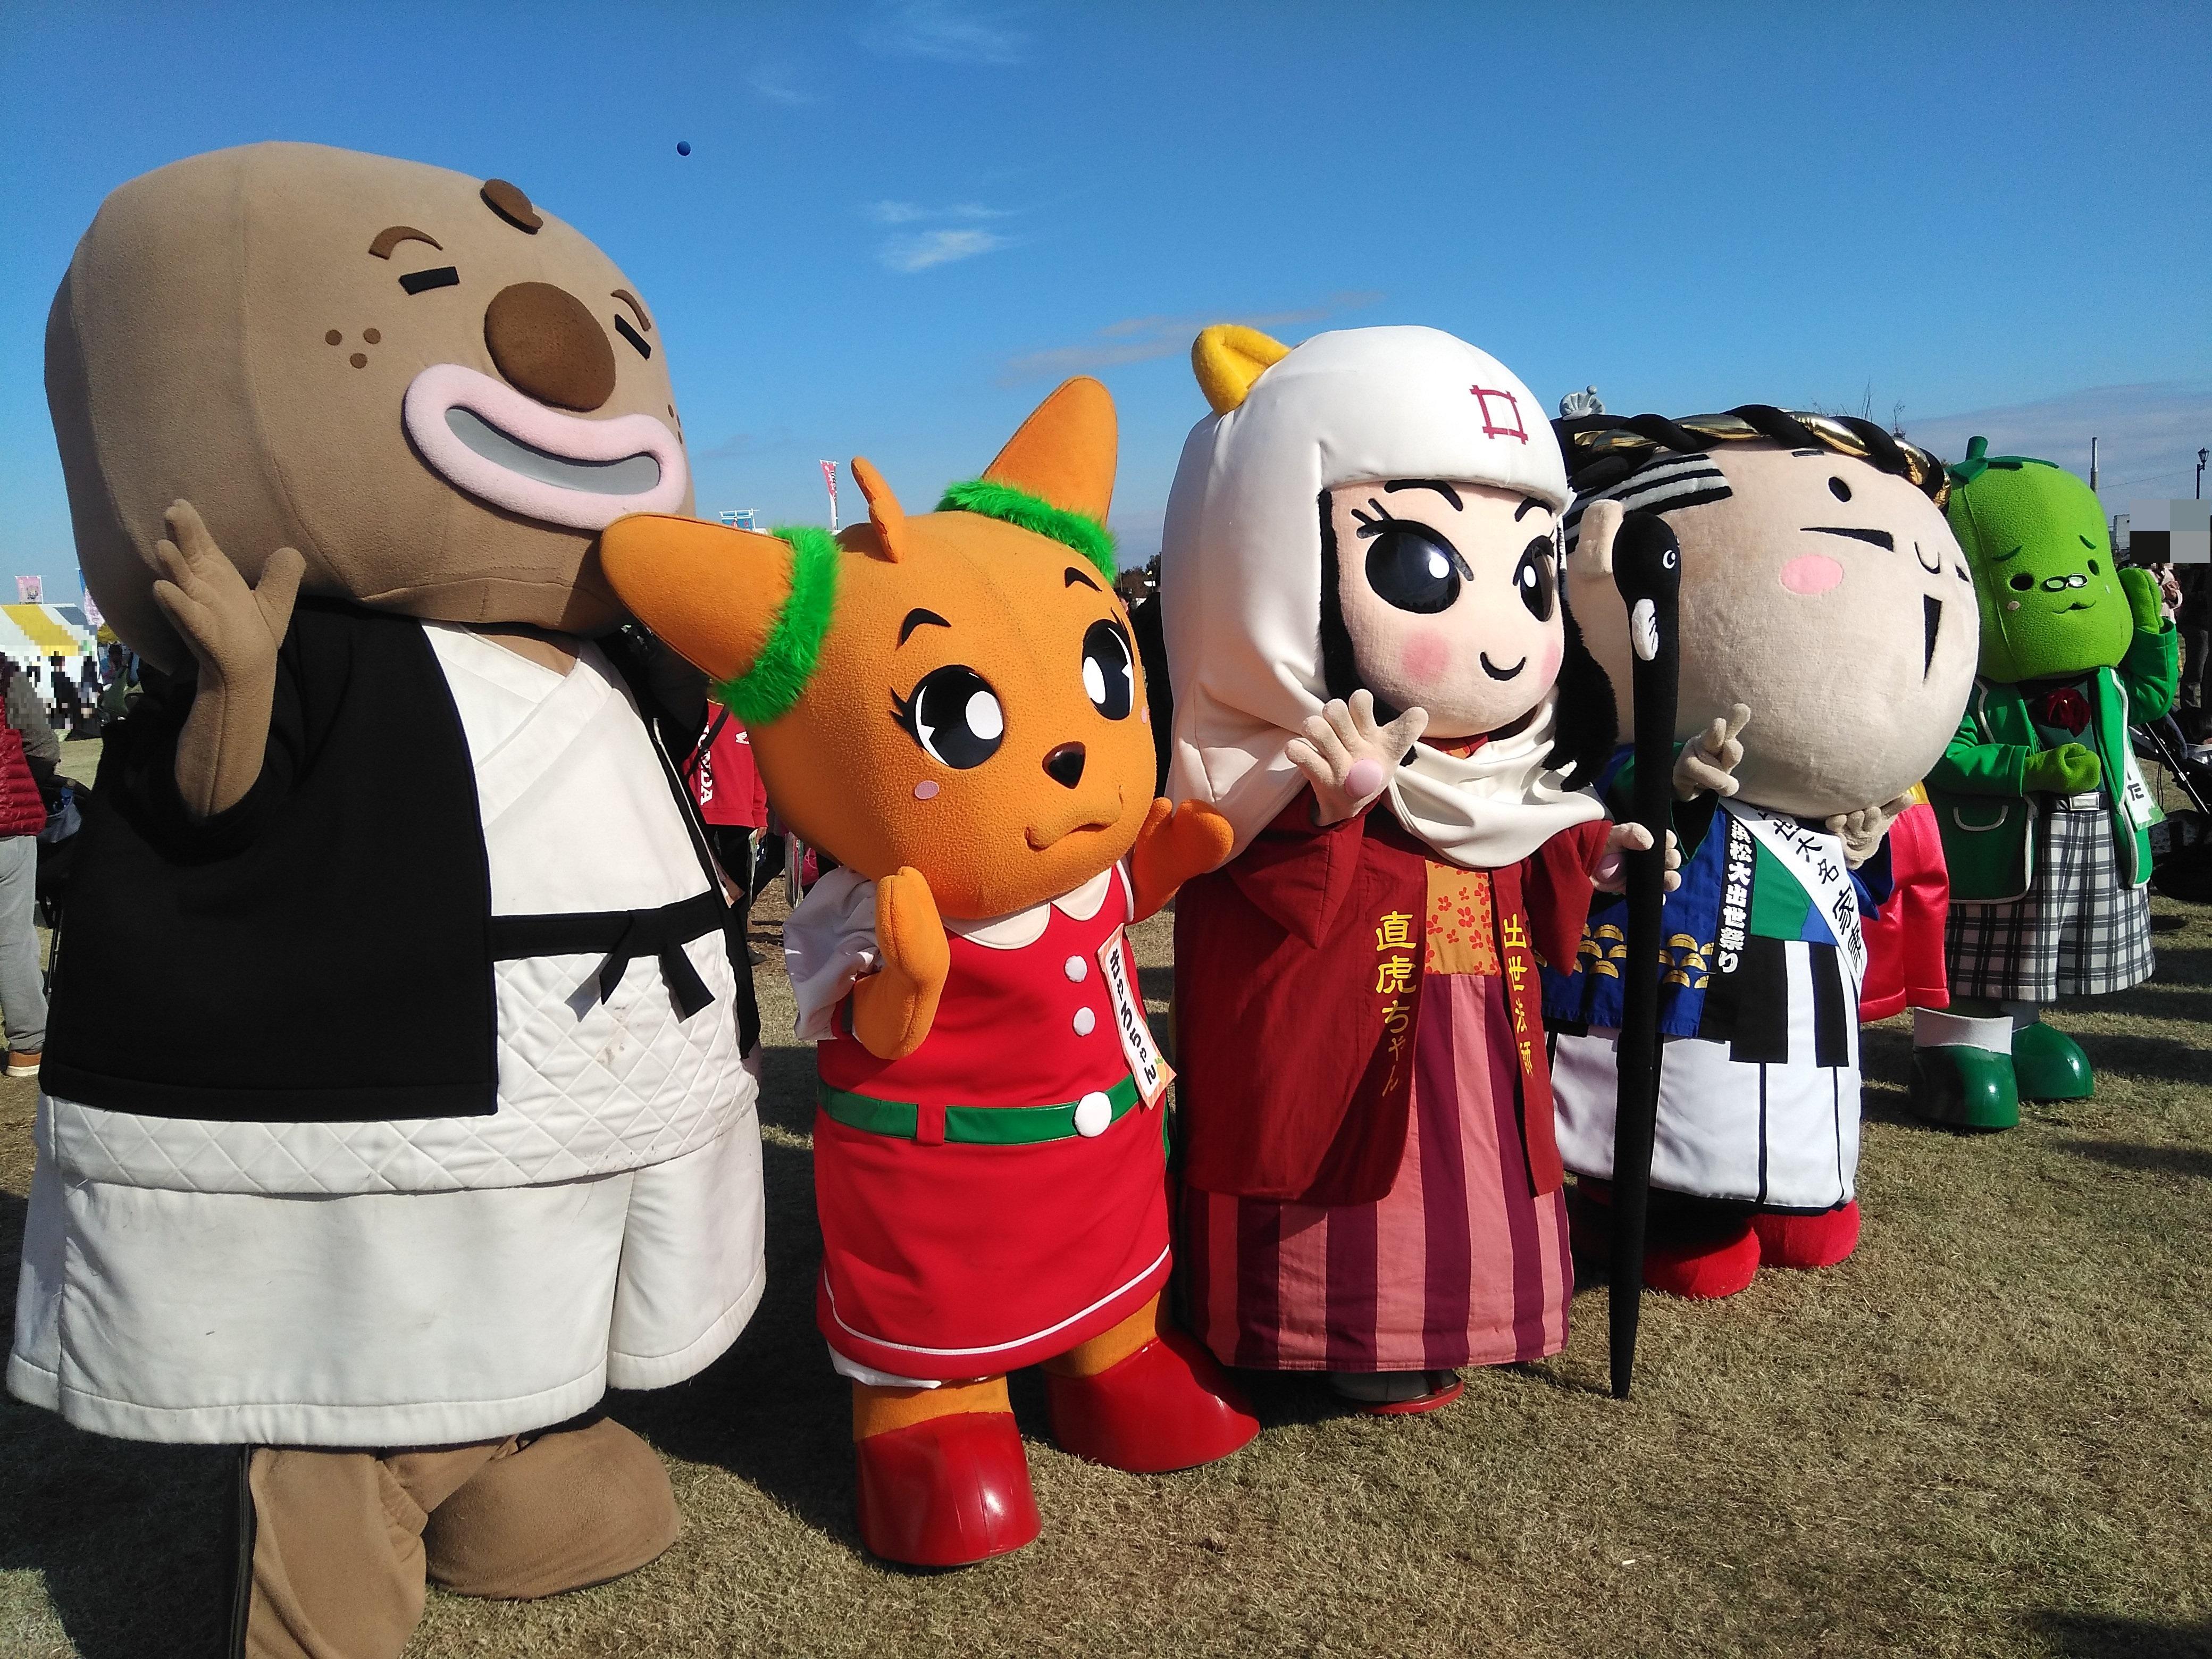 世界キャラクターさみっとin羽生2018 羽生水郷公園(埼玉県)③